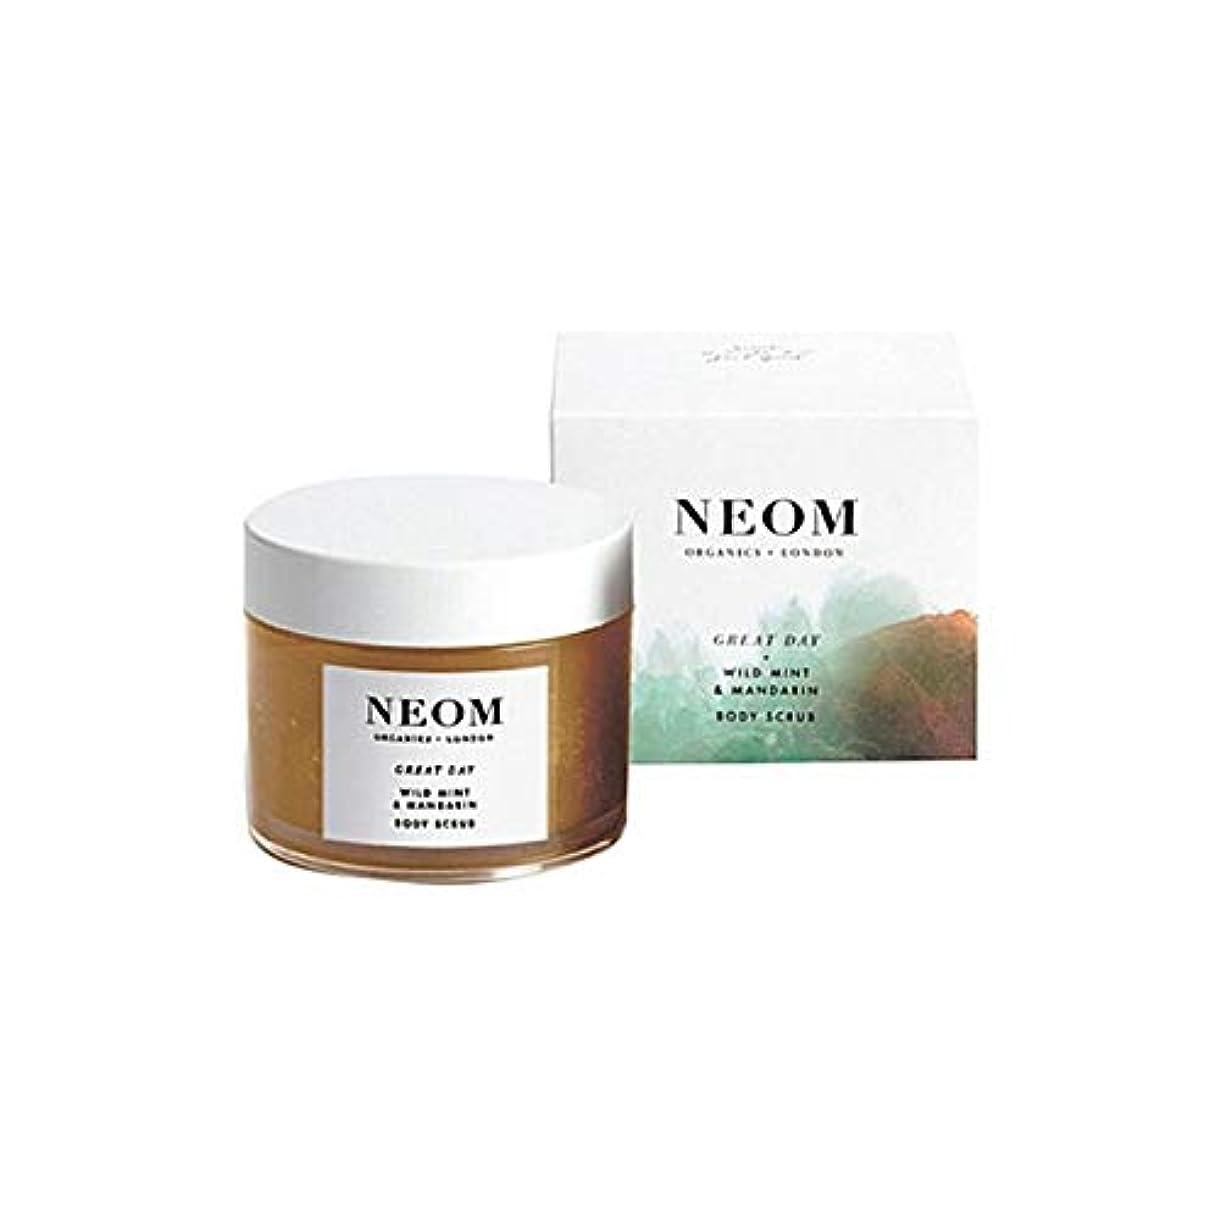 画面臭いシート[Neom] Neom高級有機物素晴らしい一日ボディスクラブ332グラム - Neom Luxury Organics Great Day Body Scrub 332G [並行輸入品]